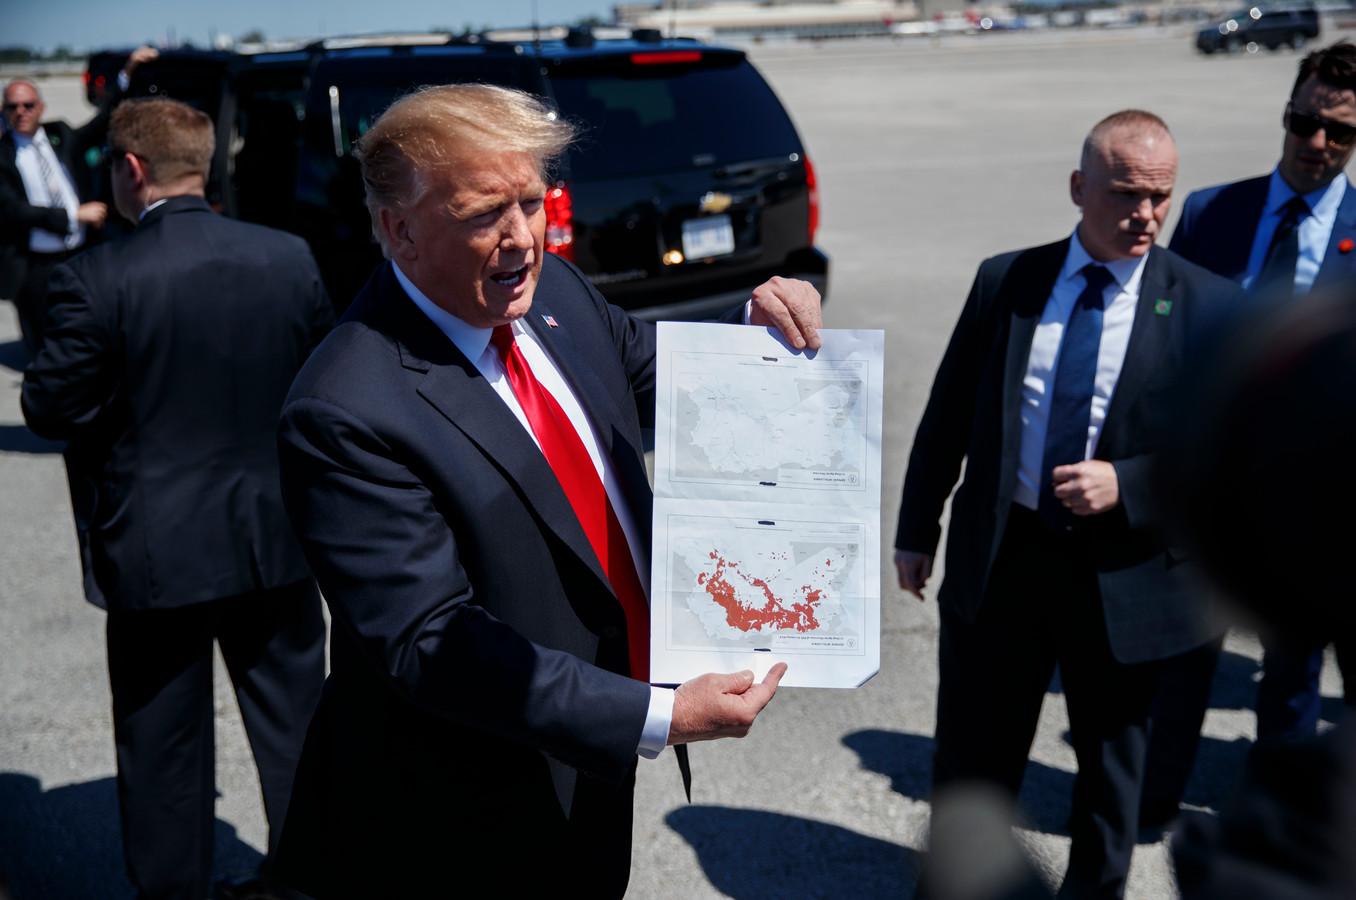 President Donald Trump laat op een kaart zien dat IS volledig uit Syrië is verdreven. De onderste kaart toont de gebieden die IS in november 2016 had veroverd. Op de bovenste kaart zijn geen rode gebieden meer te zien, wat volgens Trump betekent dat IS geen gebied meer bezit in Syrië.